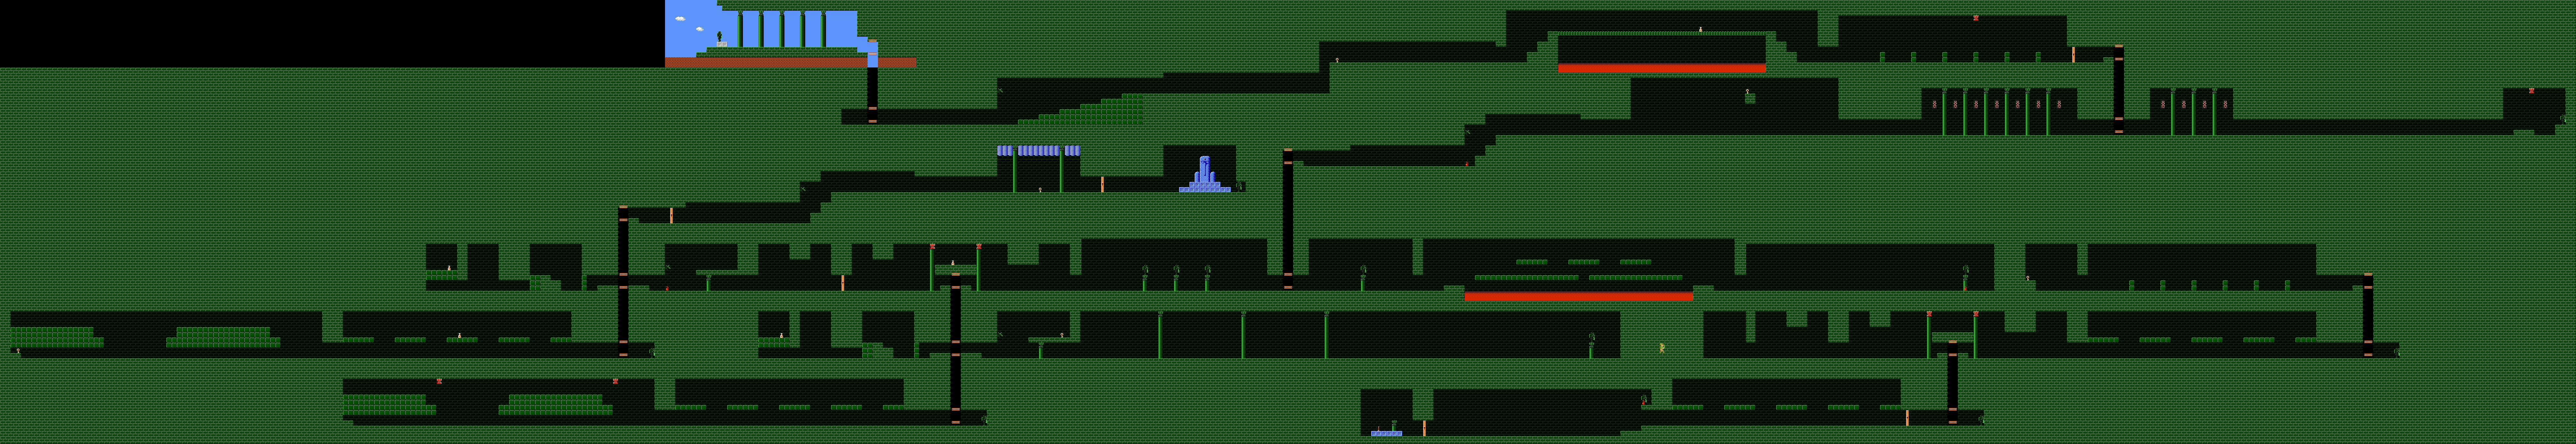 Zelda 2 - The adventure of Link sur Nes, map of fifth dungeon ...